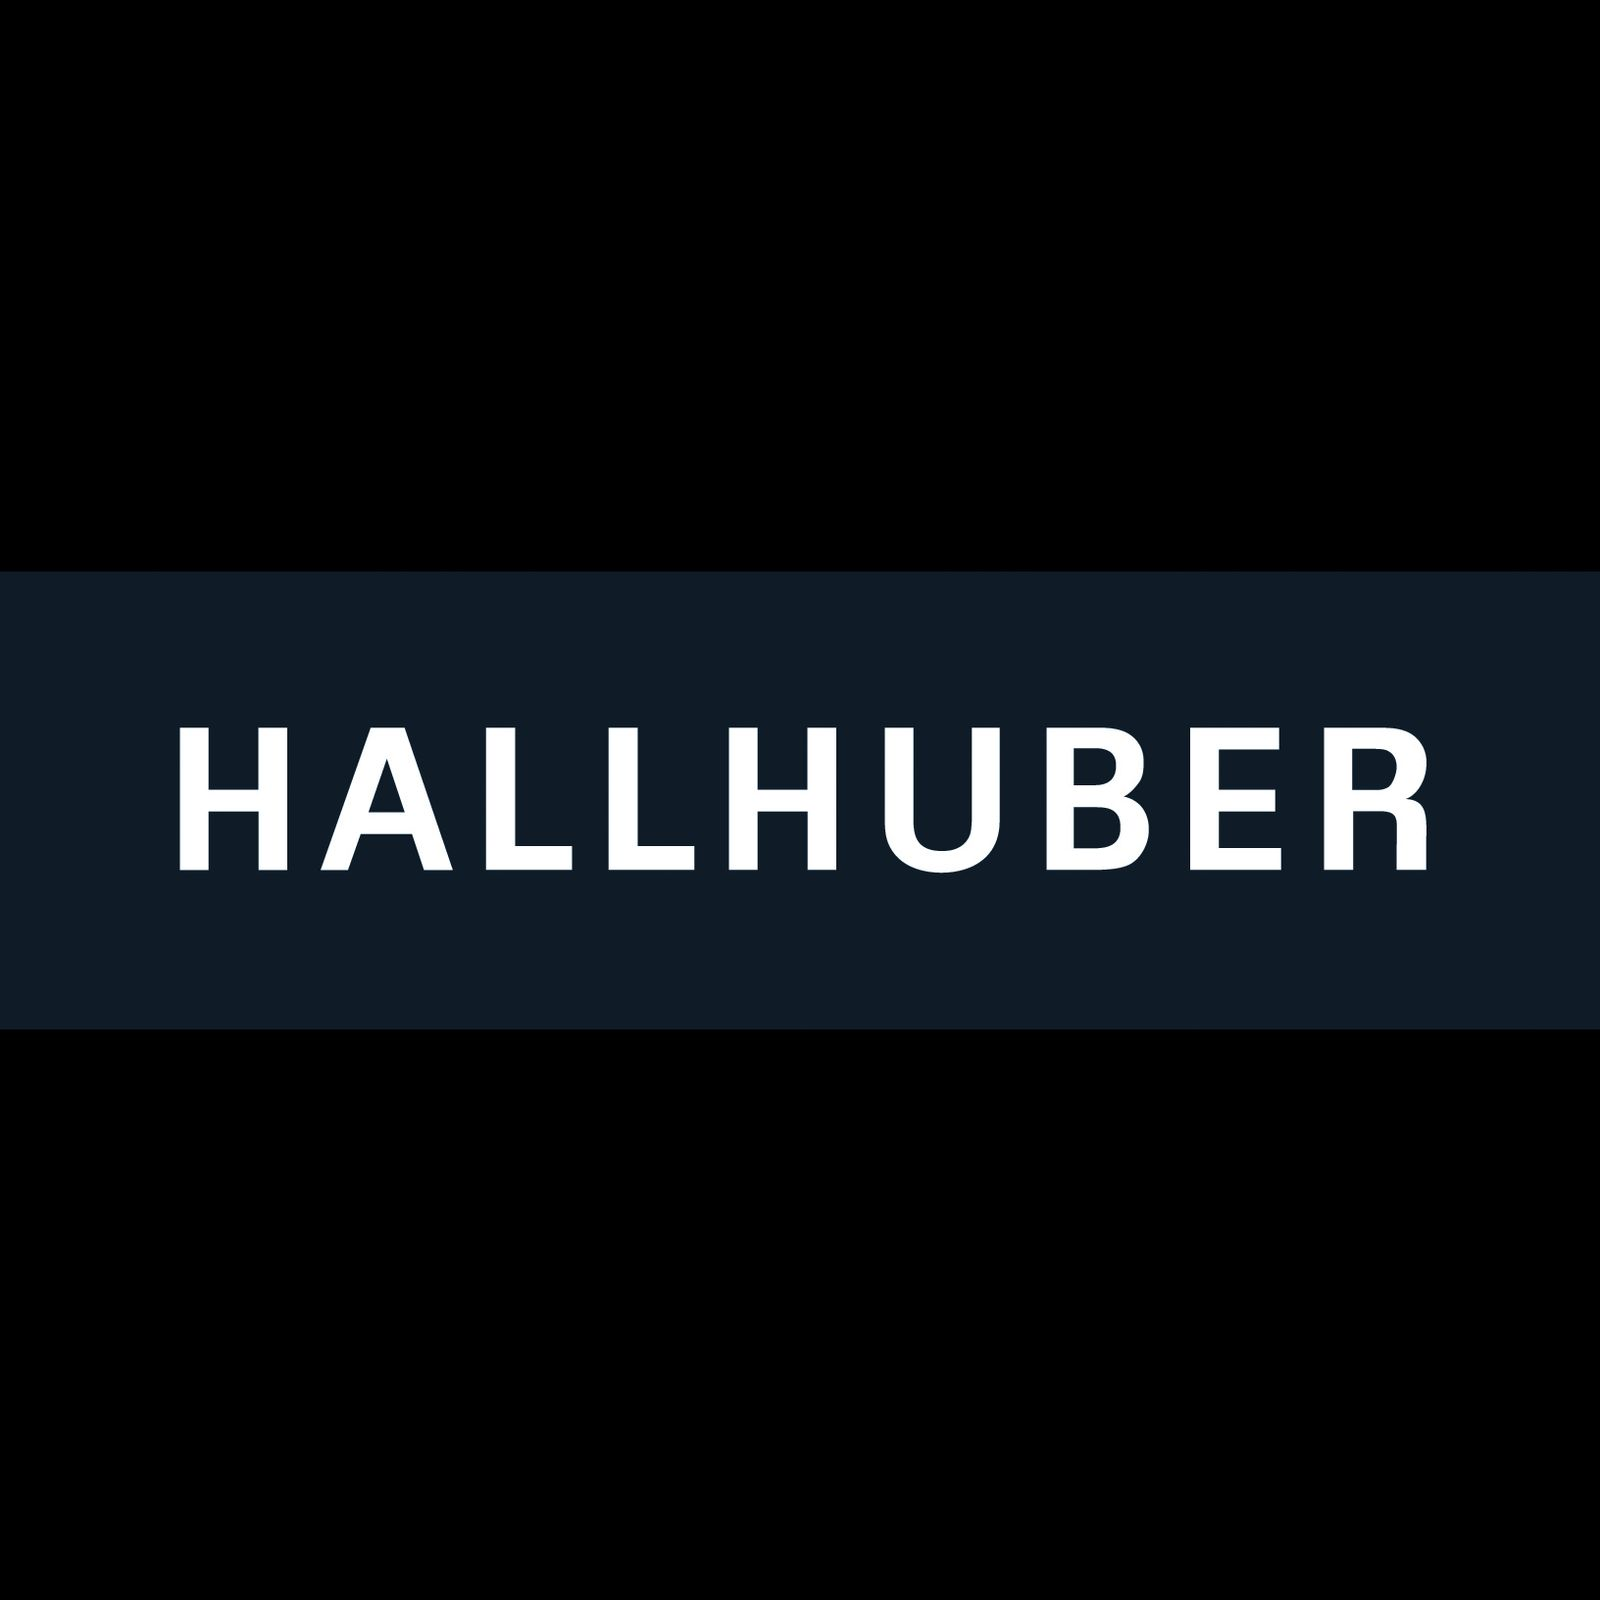 HALLHUBER (Bild 1)